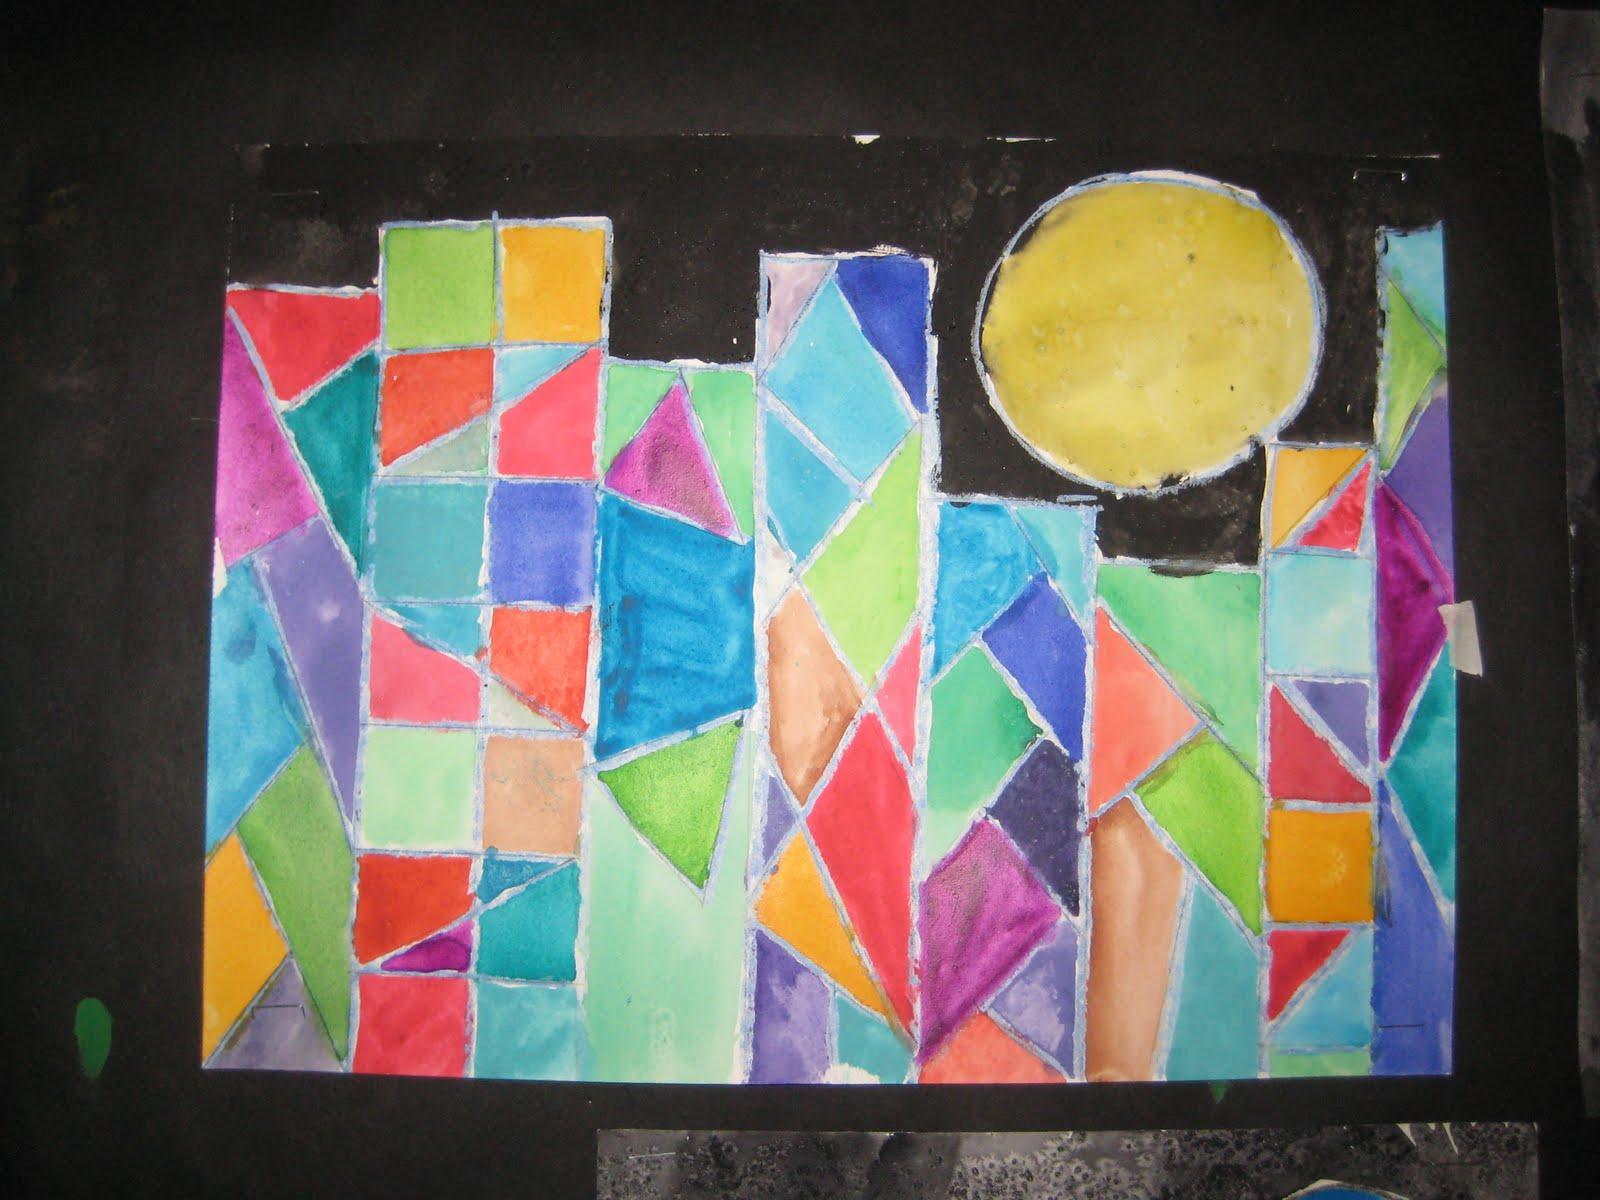 Mrs Art Teacher Paul Klee Cities